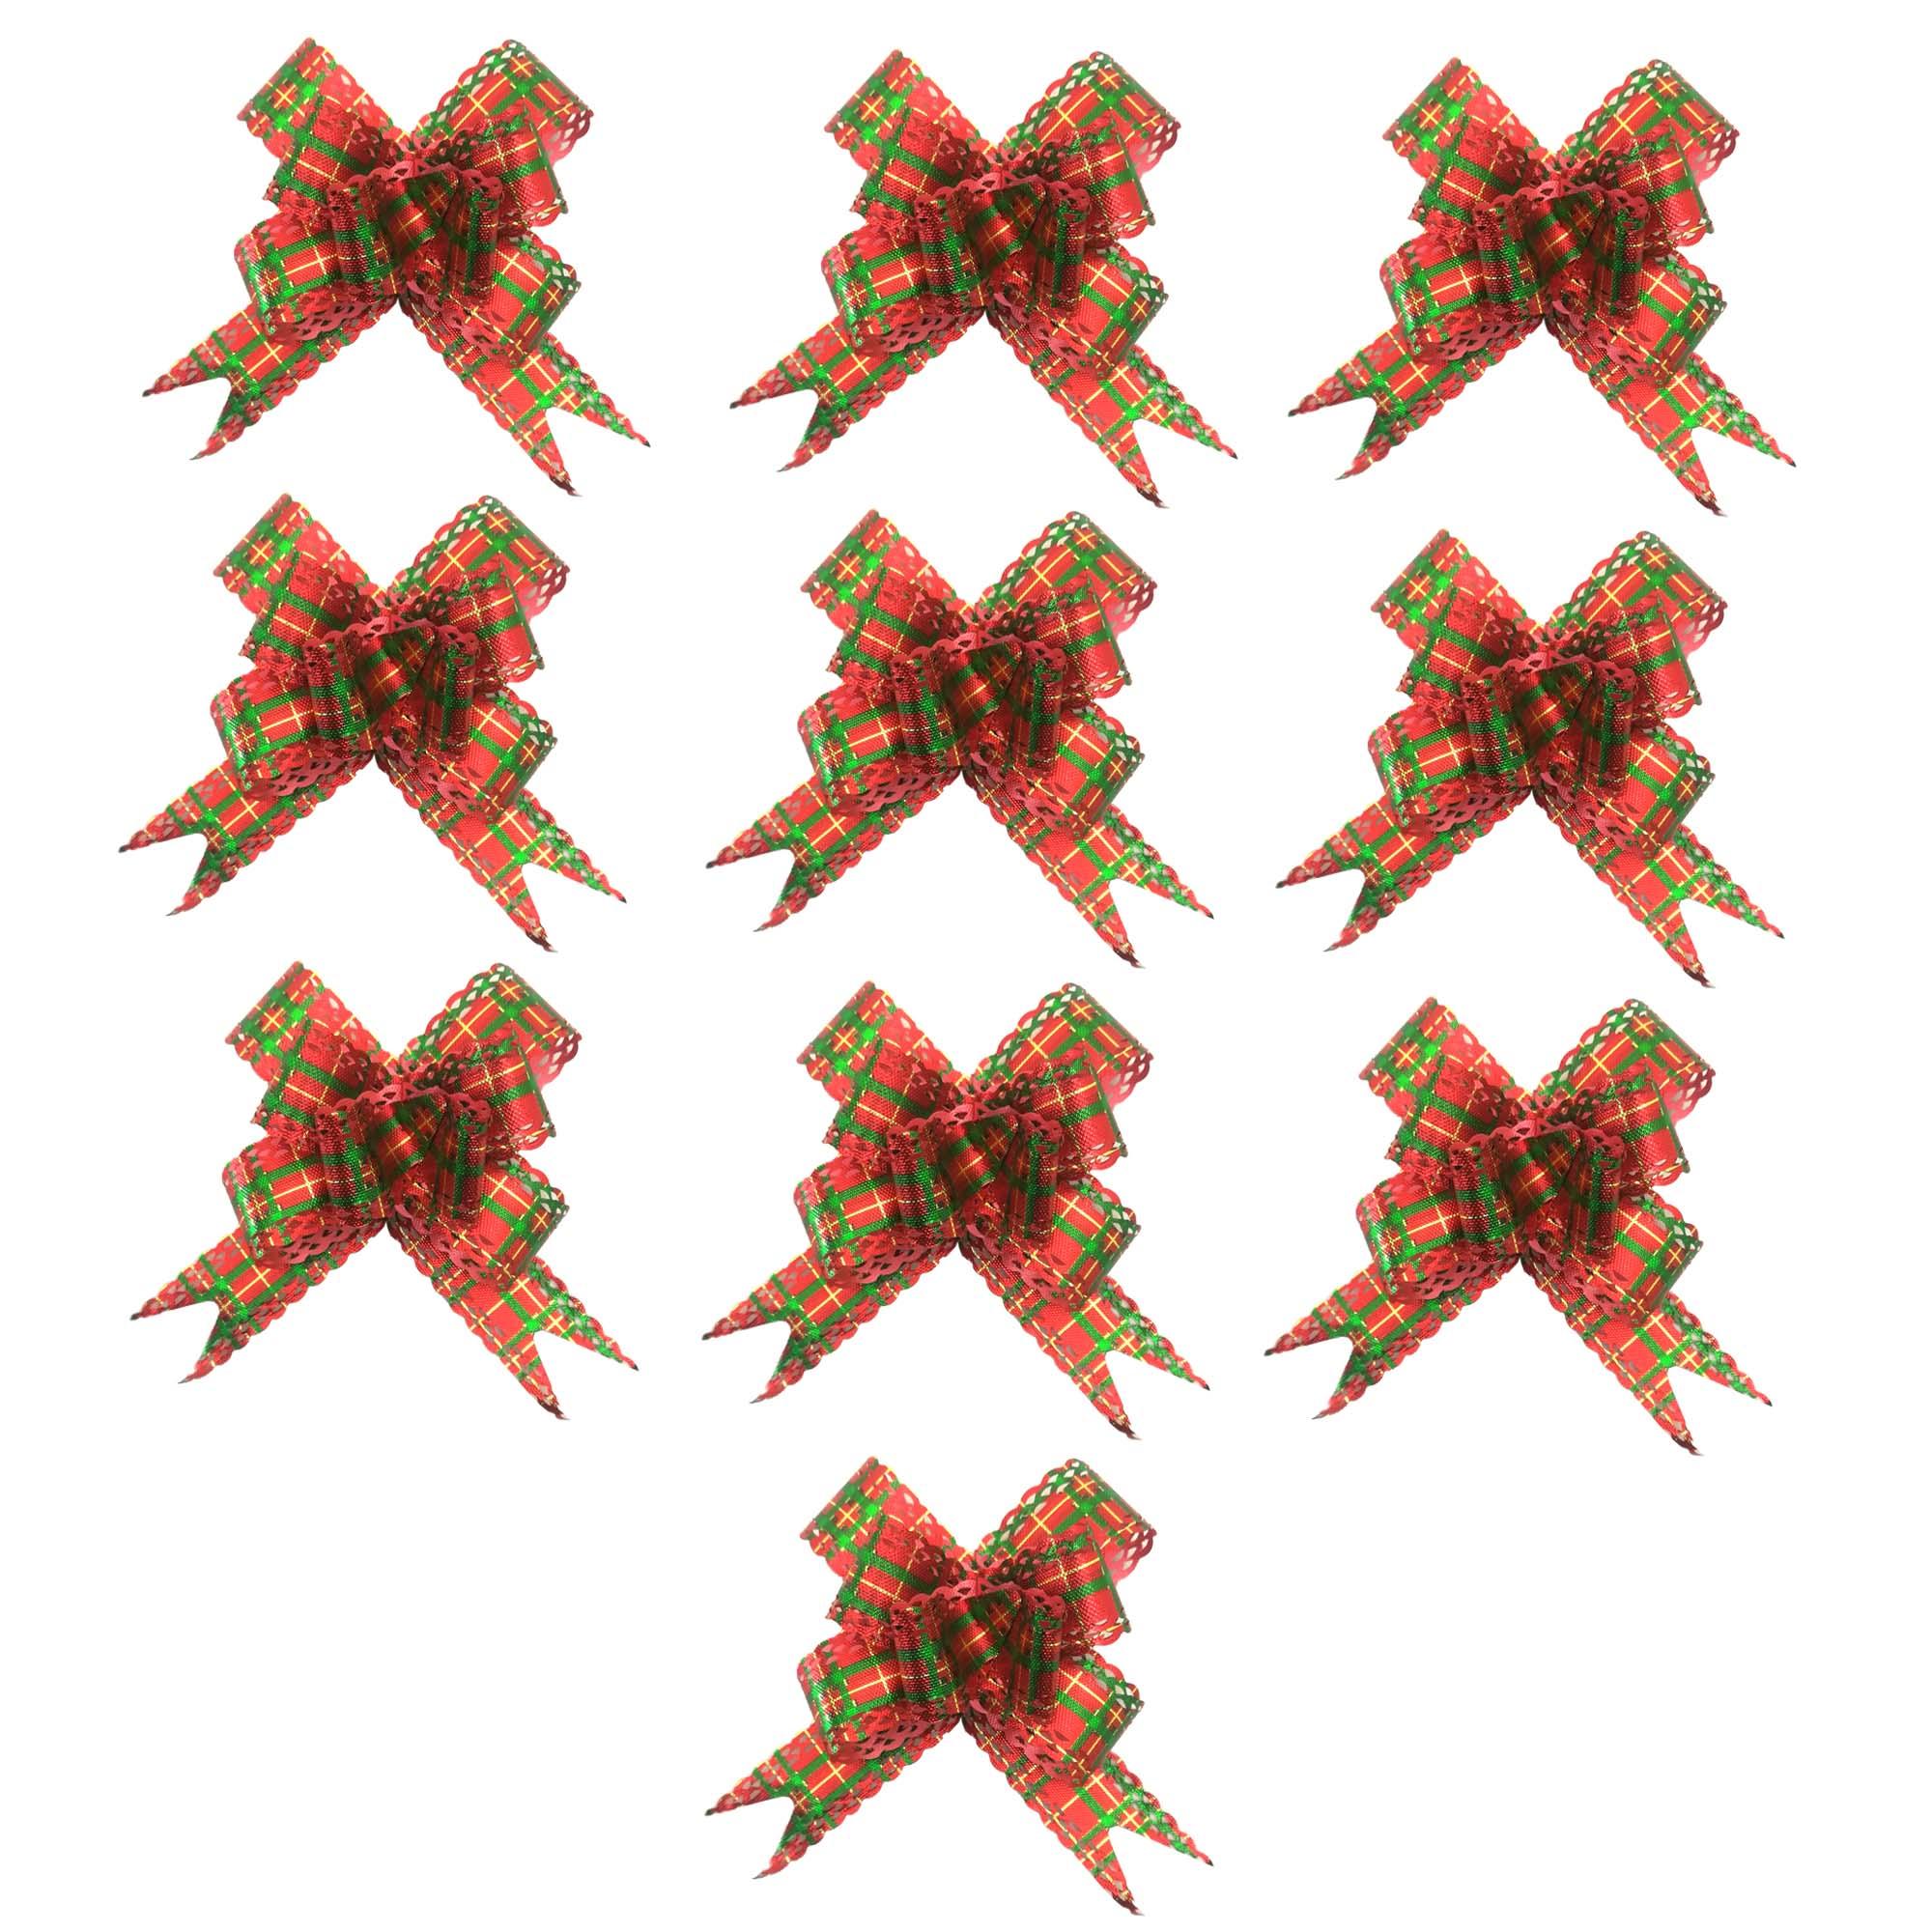 روبان تزئینی کد 109 بسته 10 عددی